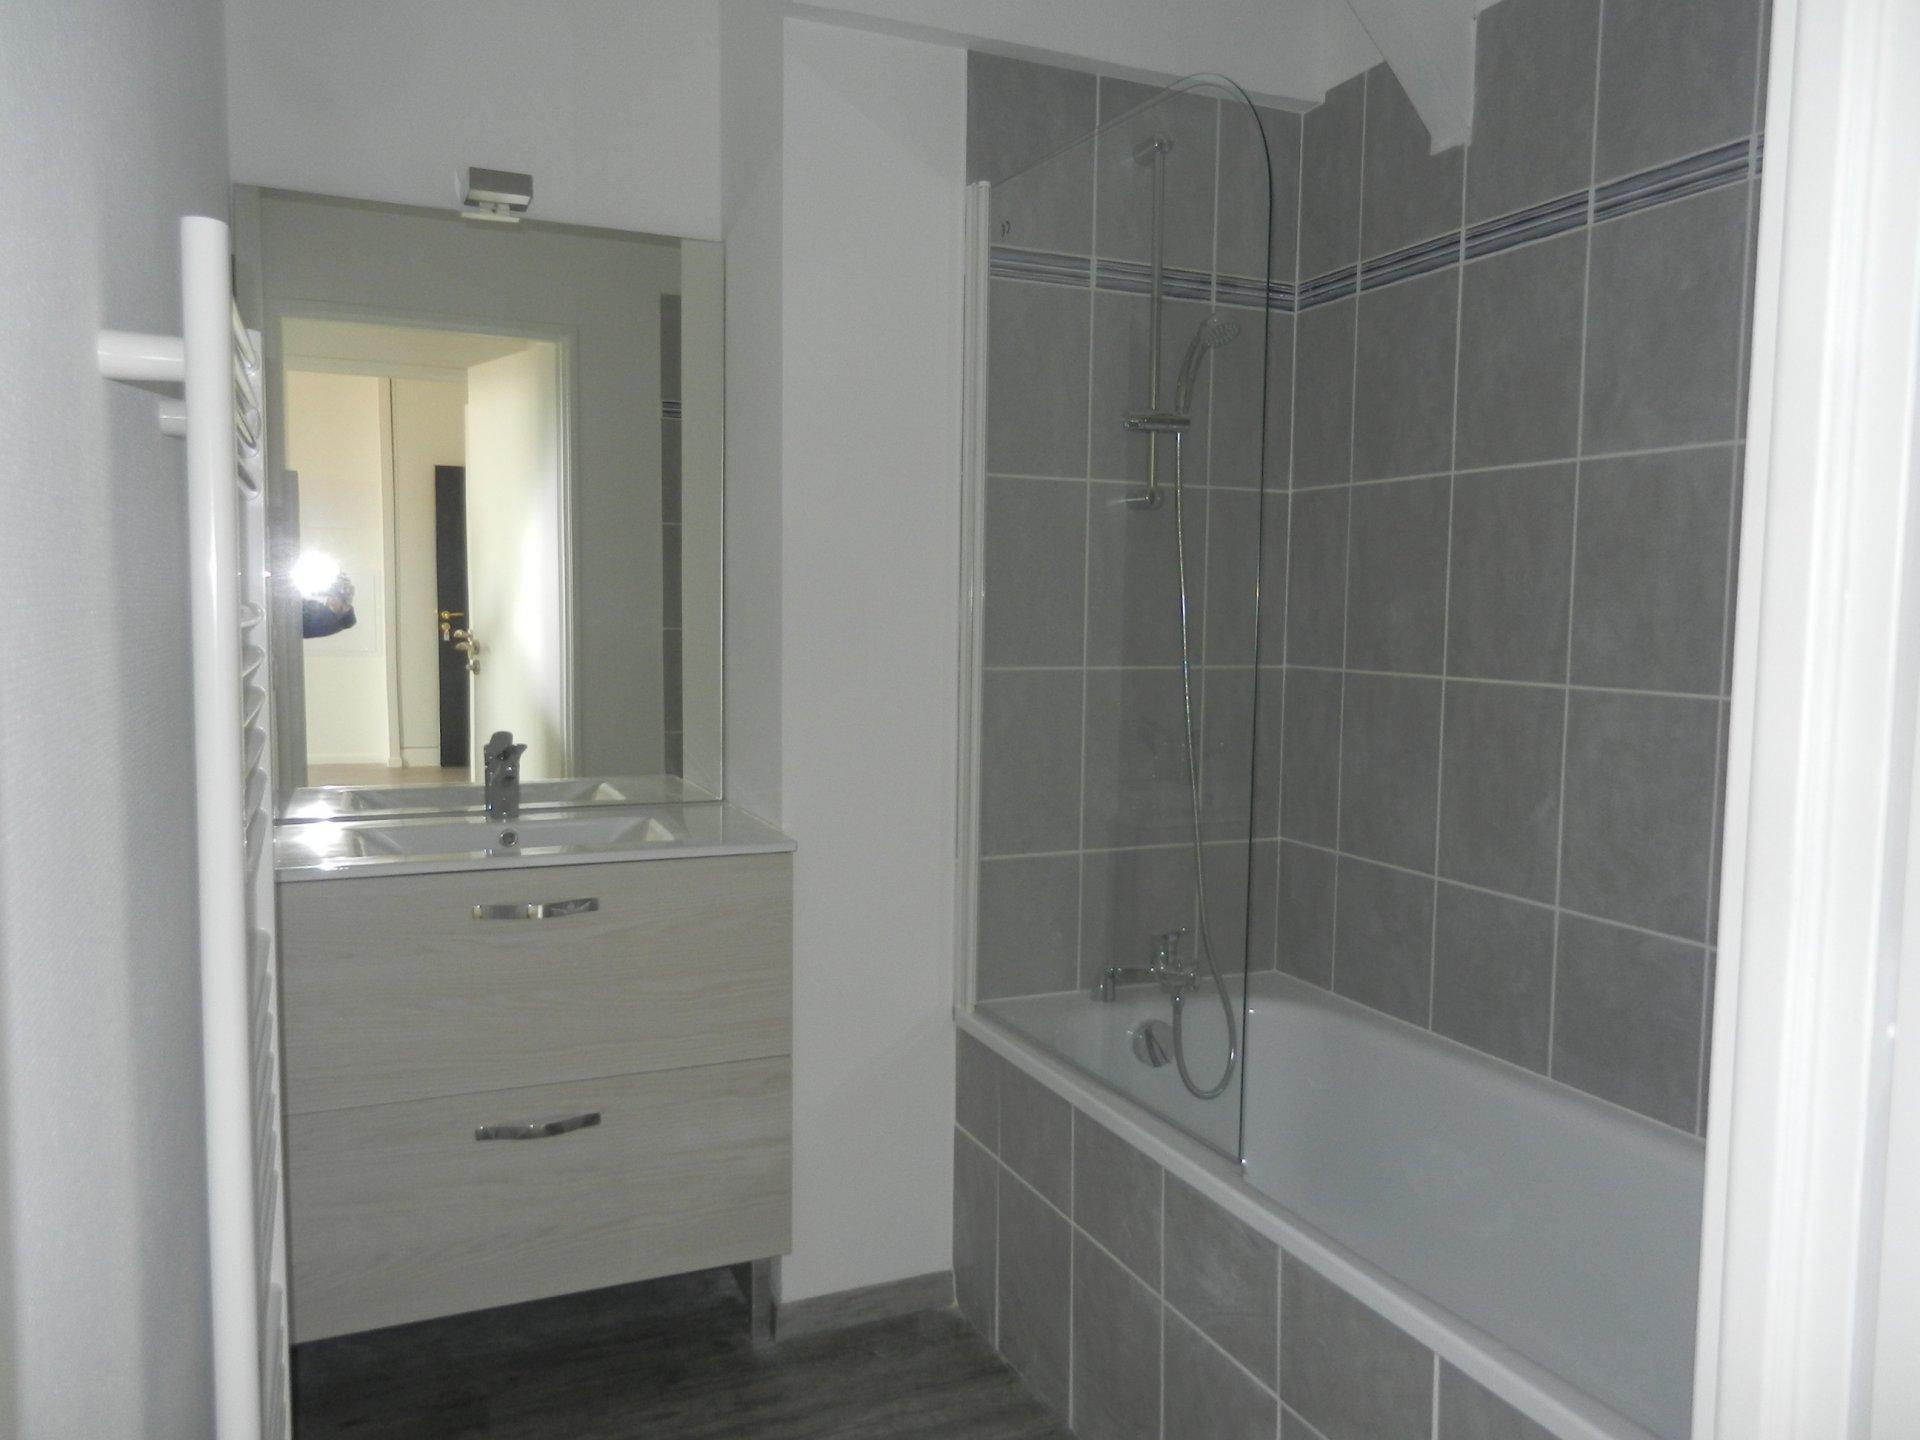 APPARTEMENT T2 de 48  m² NEUF - 2e étage/201  - ASCENSEUR - VISIOPHONE -